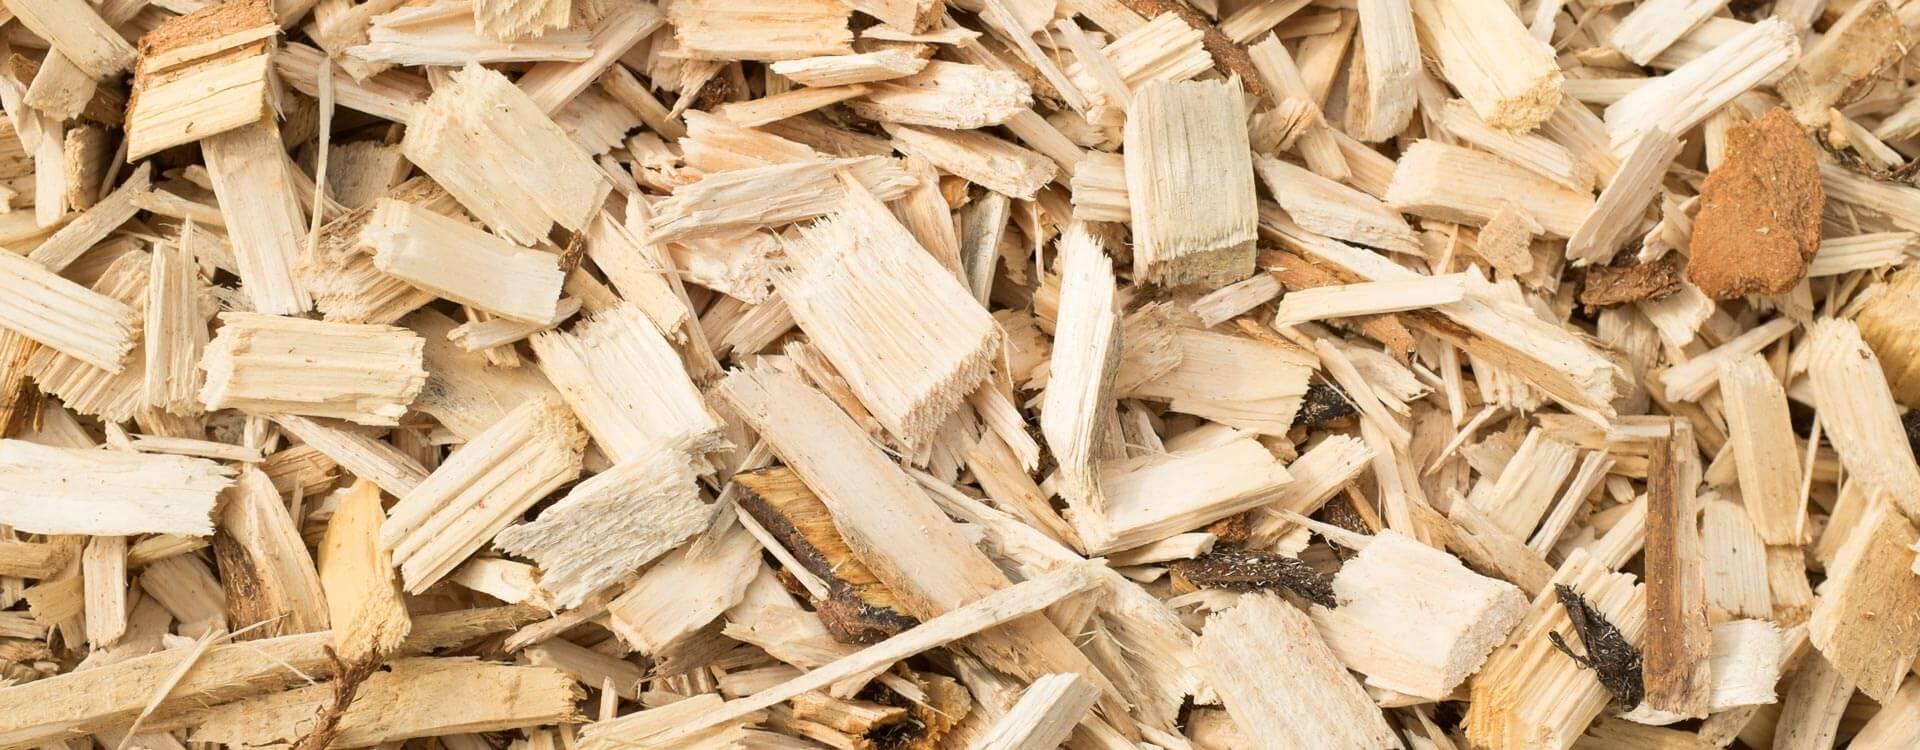 Raiffeisen Bio Brennstoffe Gmbh Holzpellets Hackschnitzel Ihr